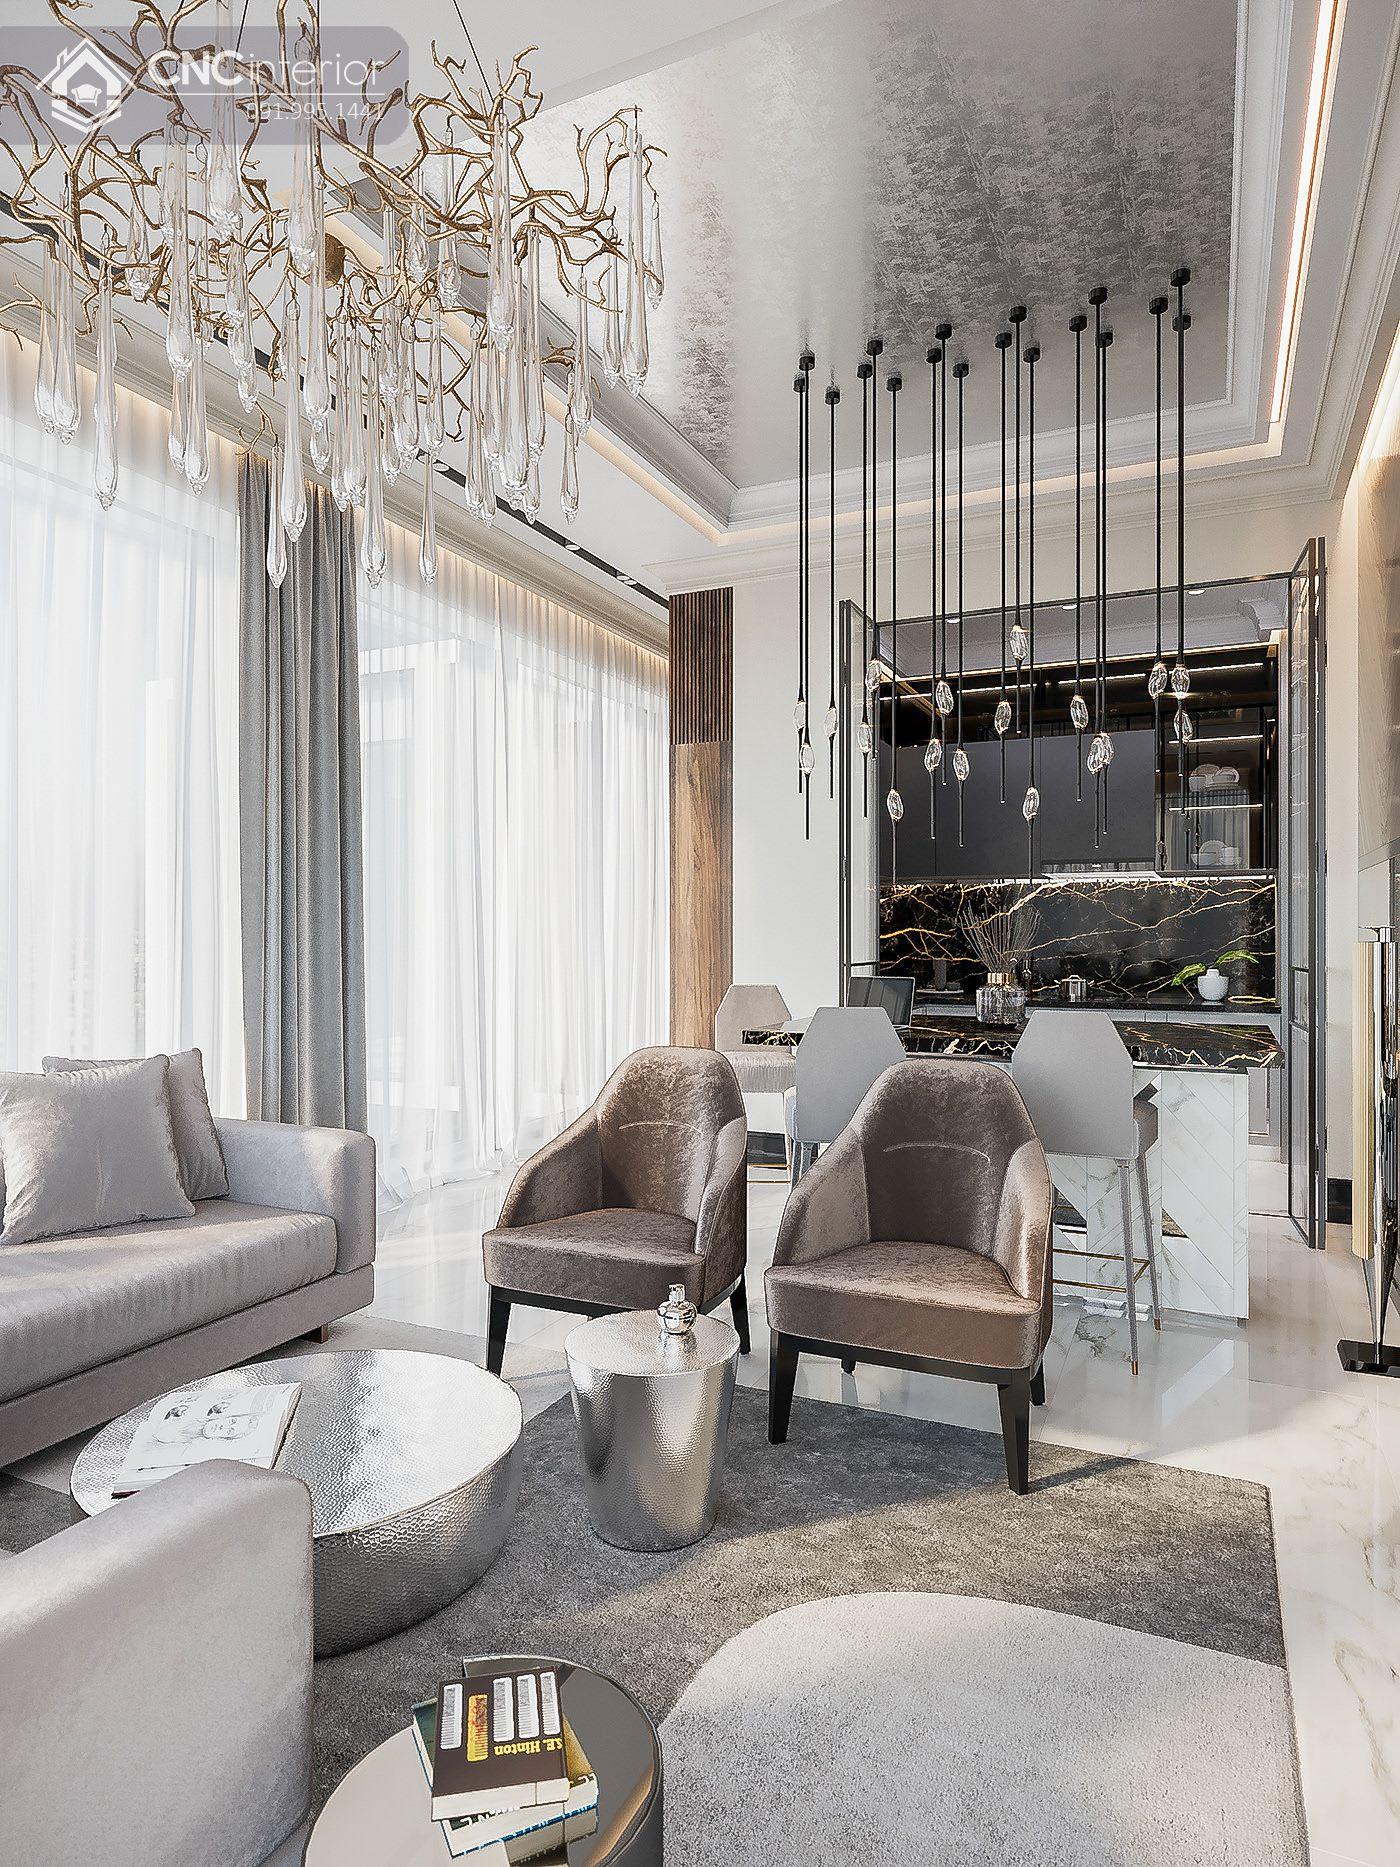 mẫu thiết kế nội thất phòng khách đẹp 2